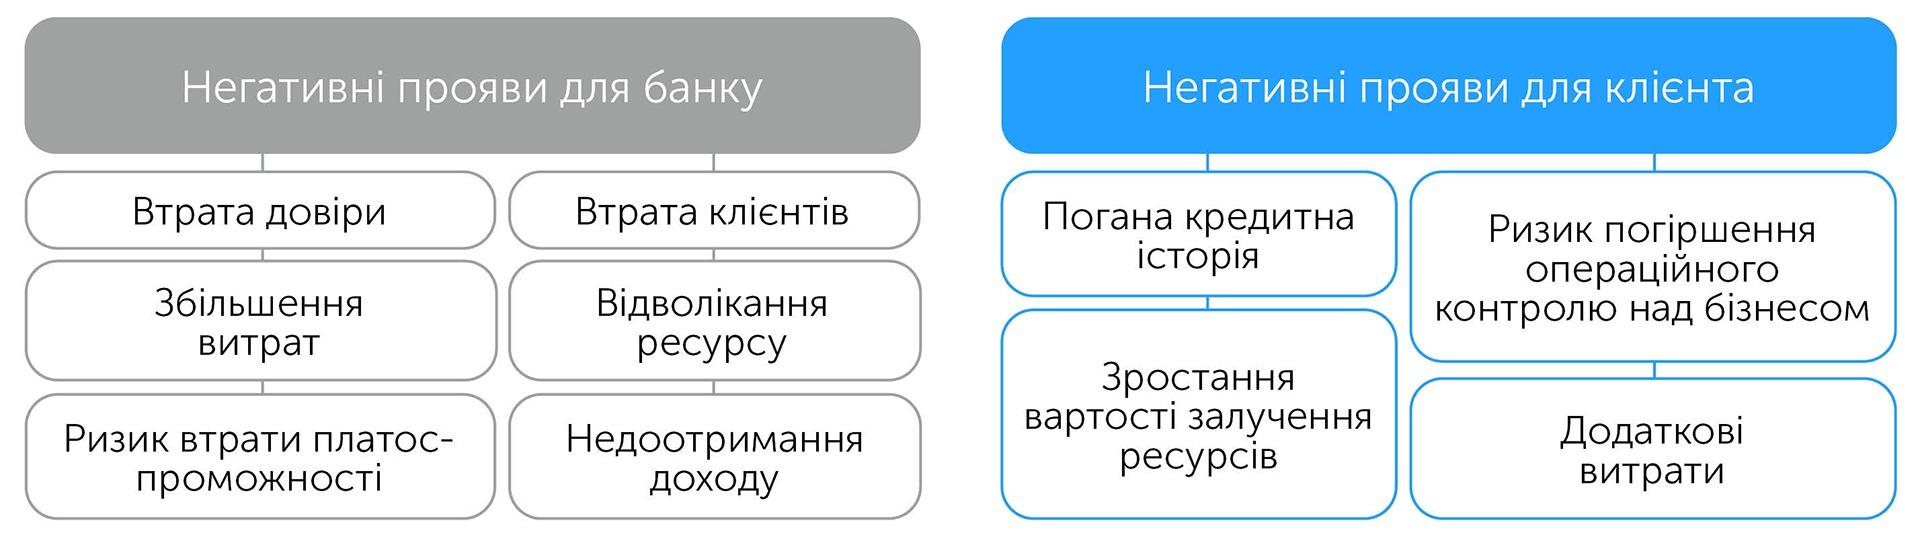 Бізнес: підготовка до зростання | Kyivstar Business Hub зображення №21